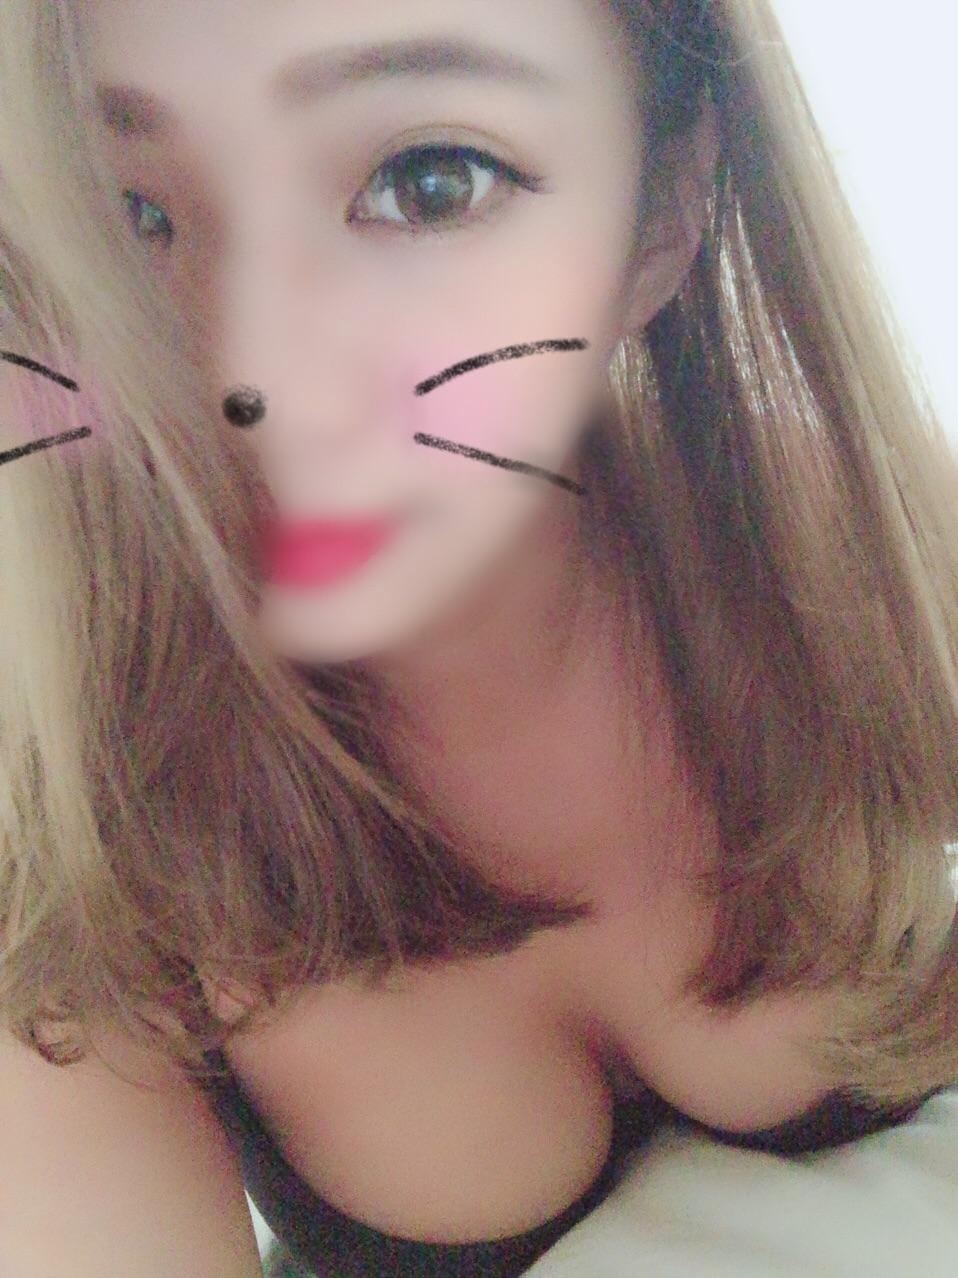 「こんばんは?」09/07(金) 20:53 | ゆりかの写メ・風俗動画